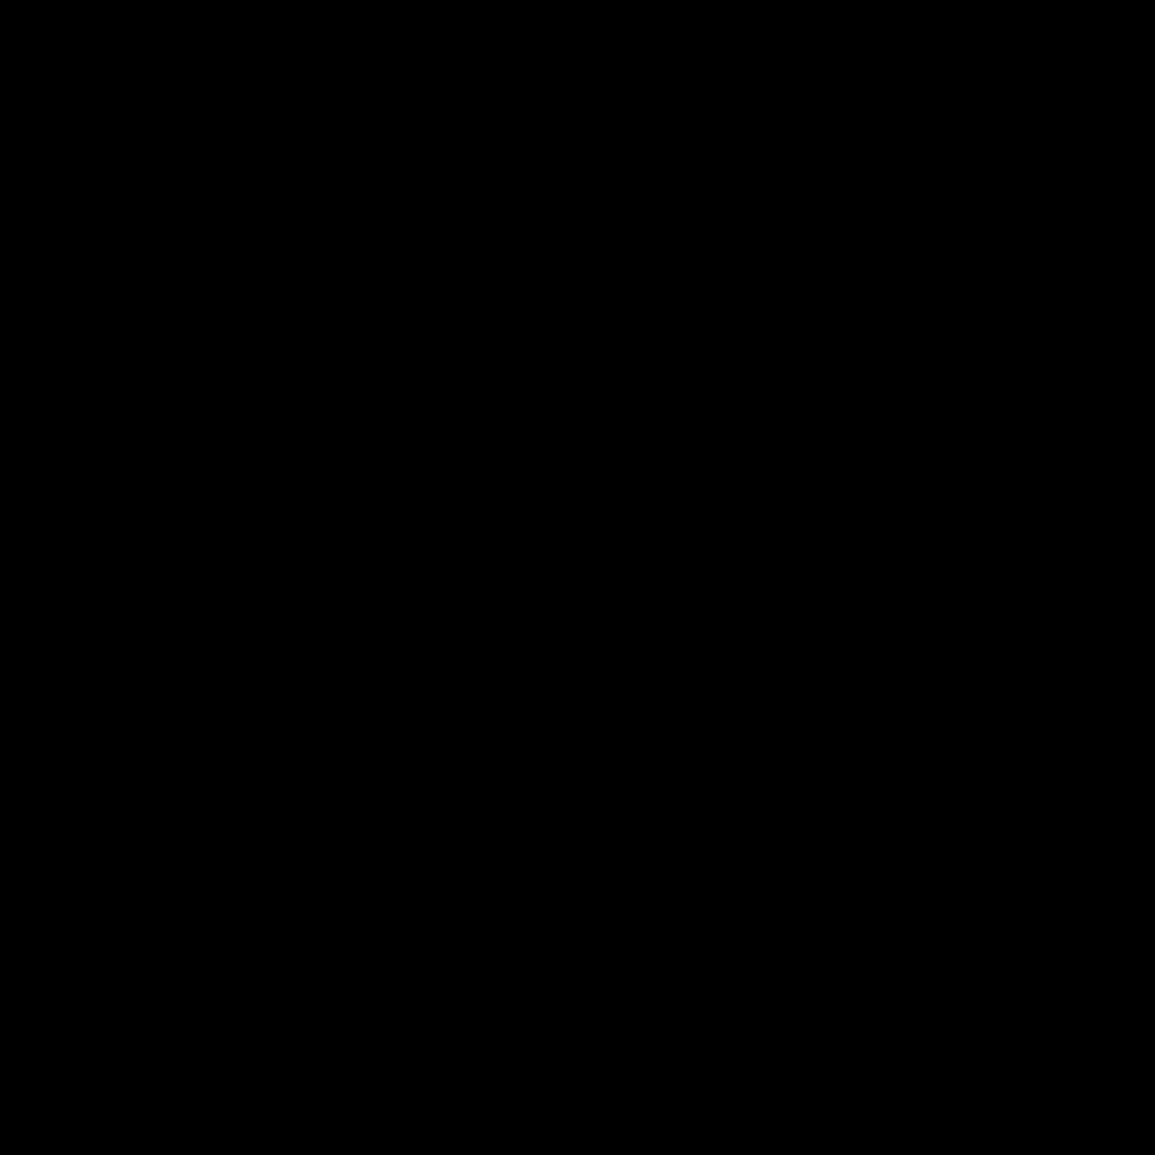 ゴナ E かなC ENAG-C 字形見本